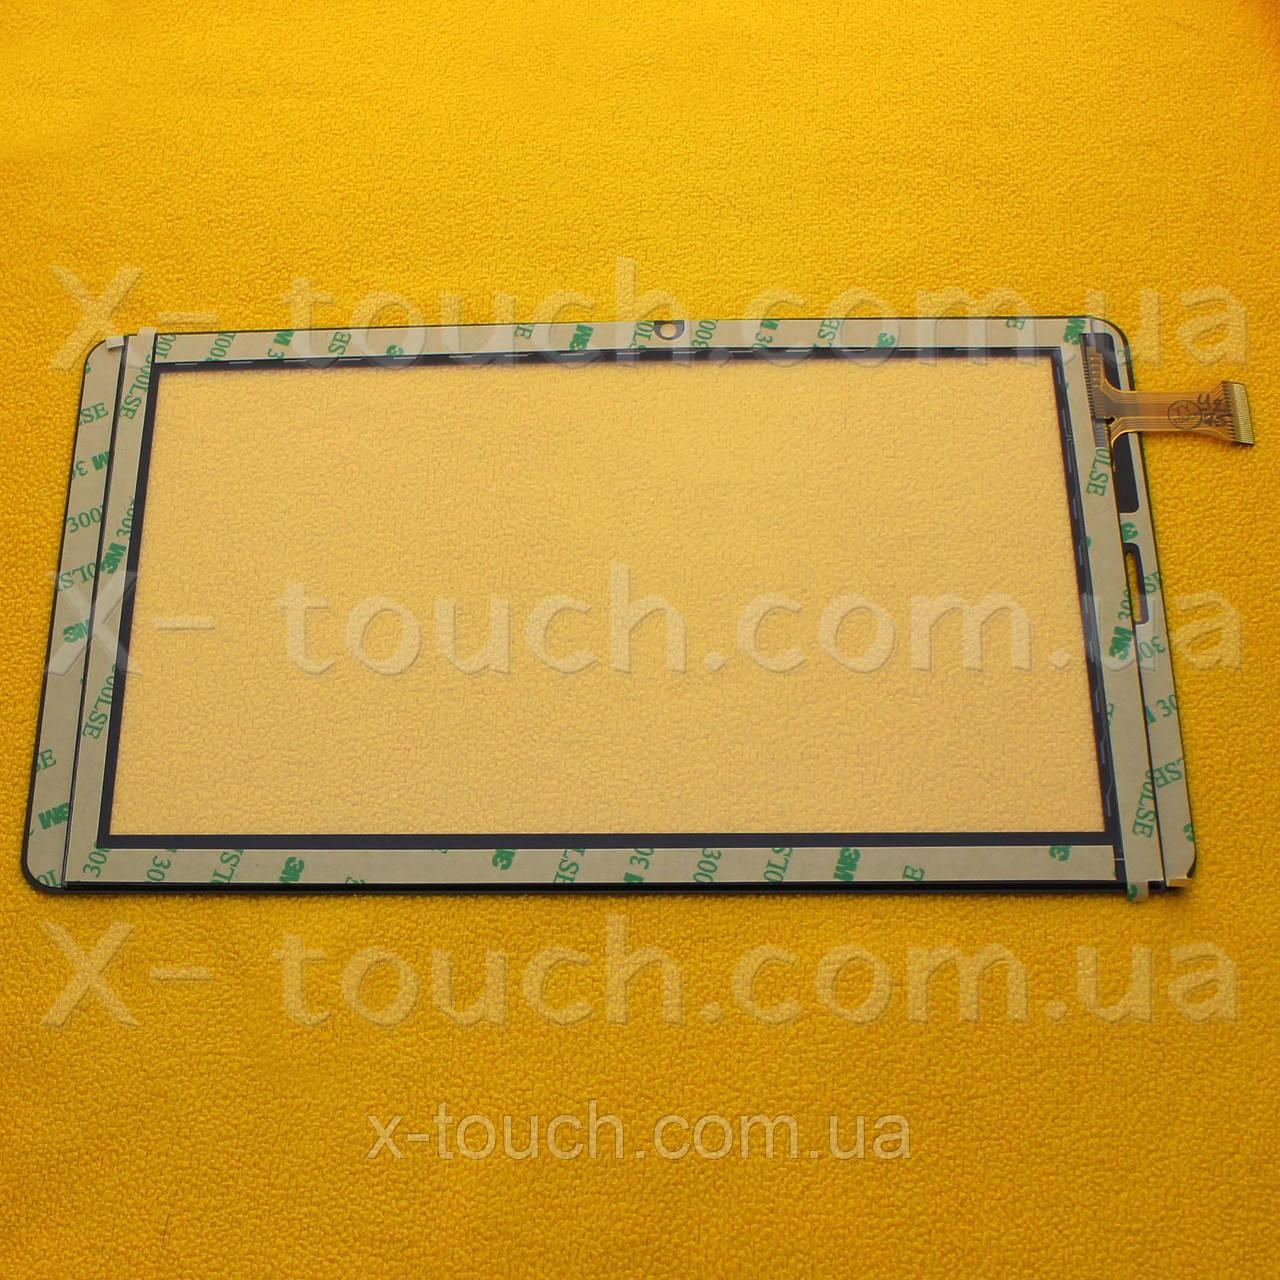 Тачскрин, сенсор  FX-C9.0-0072A-F-01  для планшета